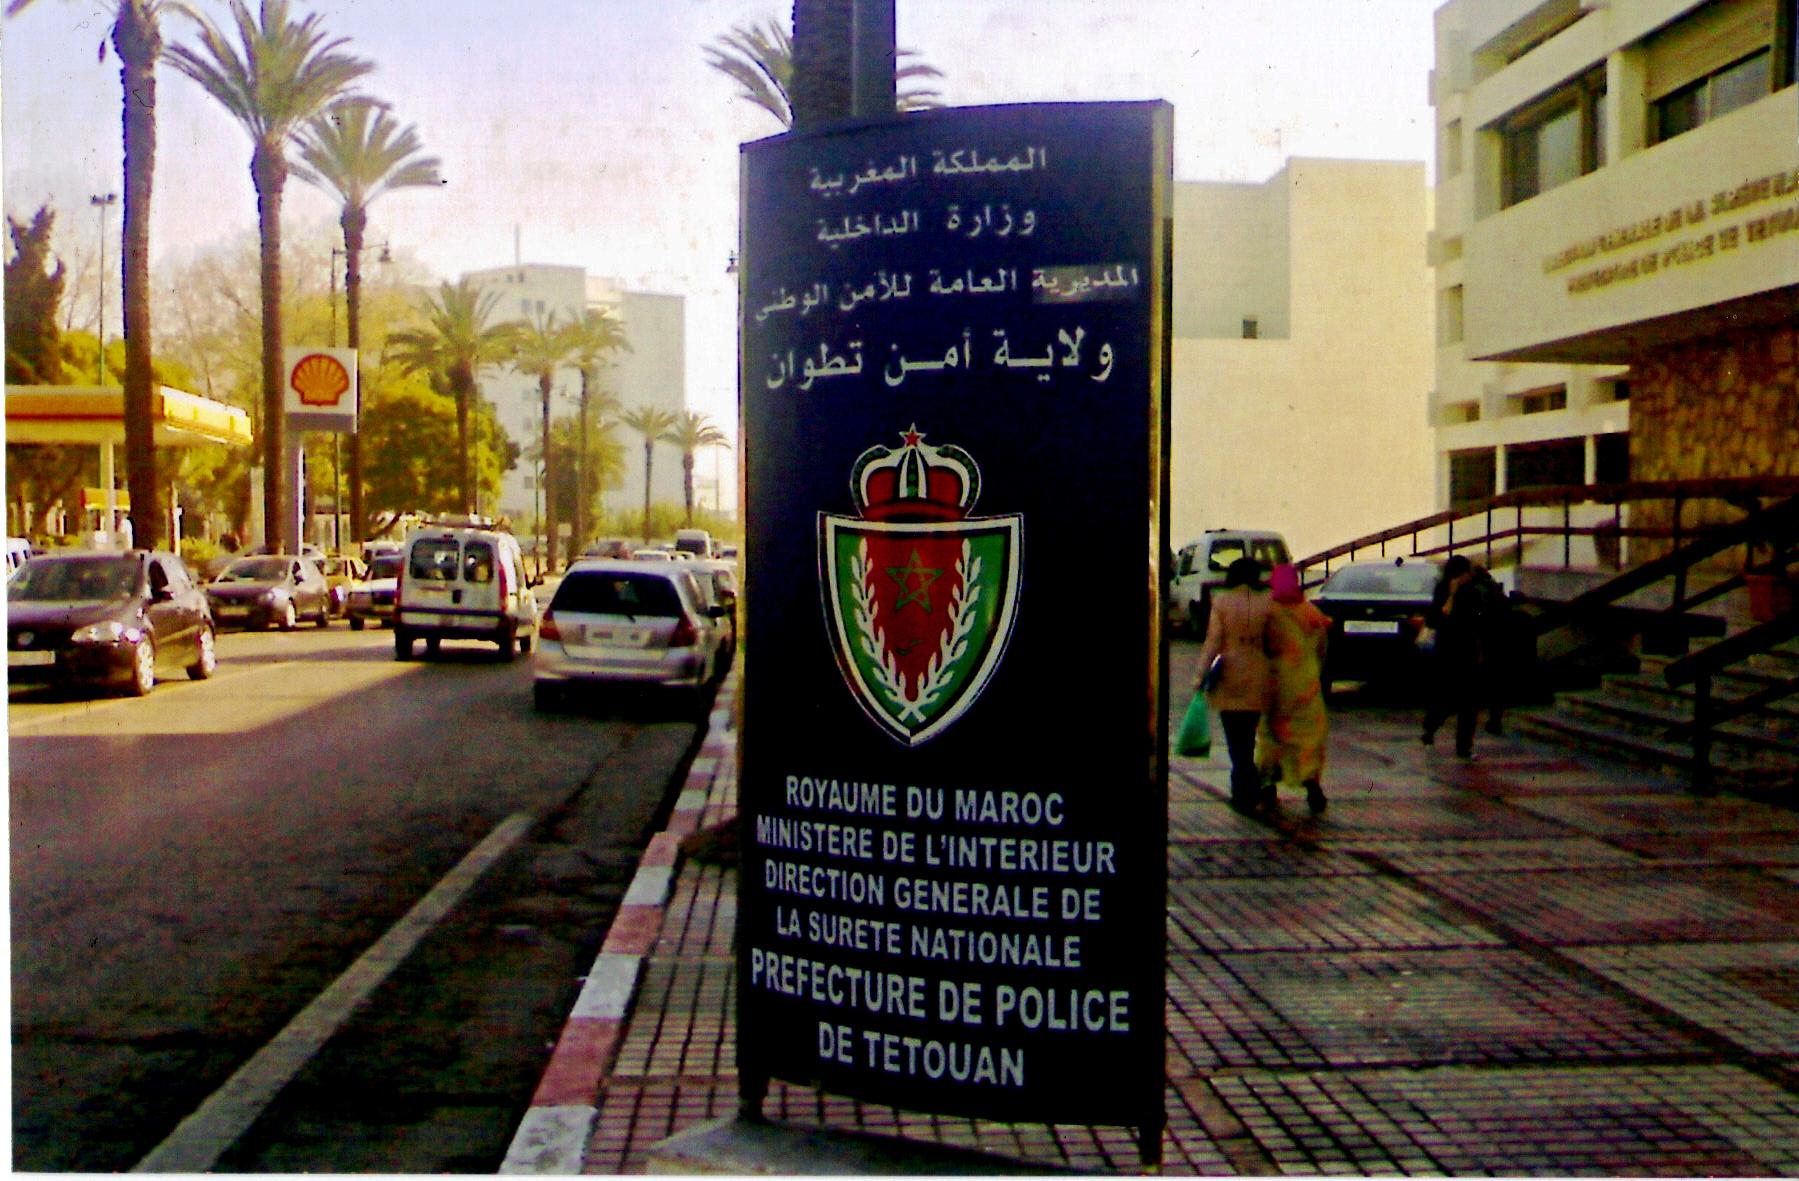 تنقيل تأديبي إلى مدينة السمارة في حق مقدم شرطة بتطوان